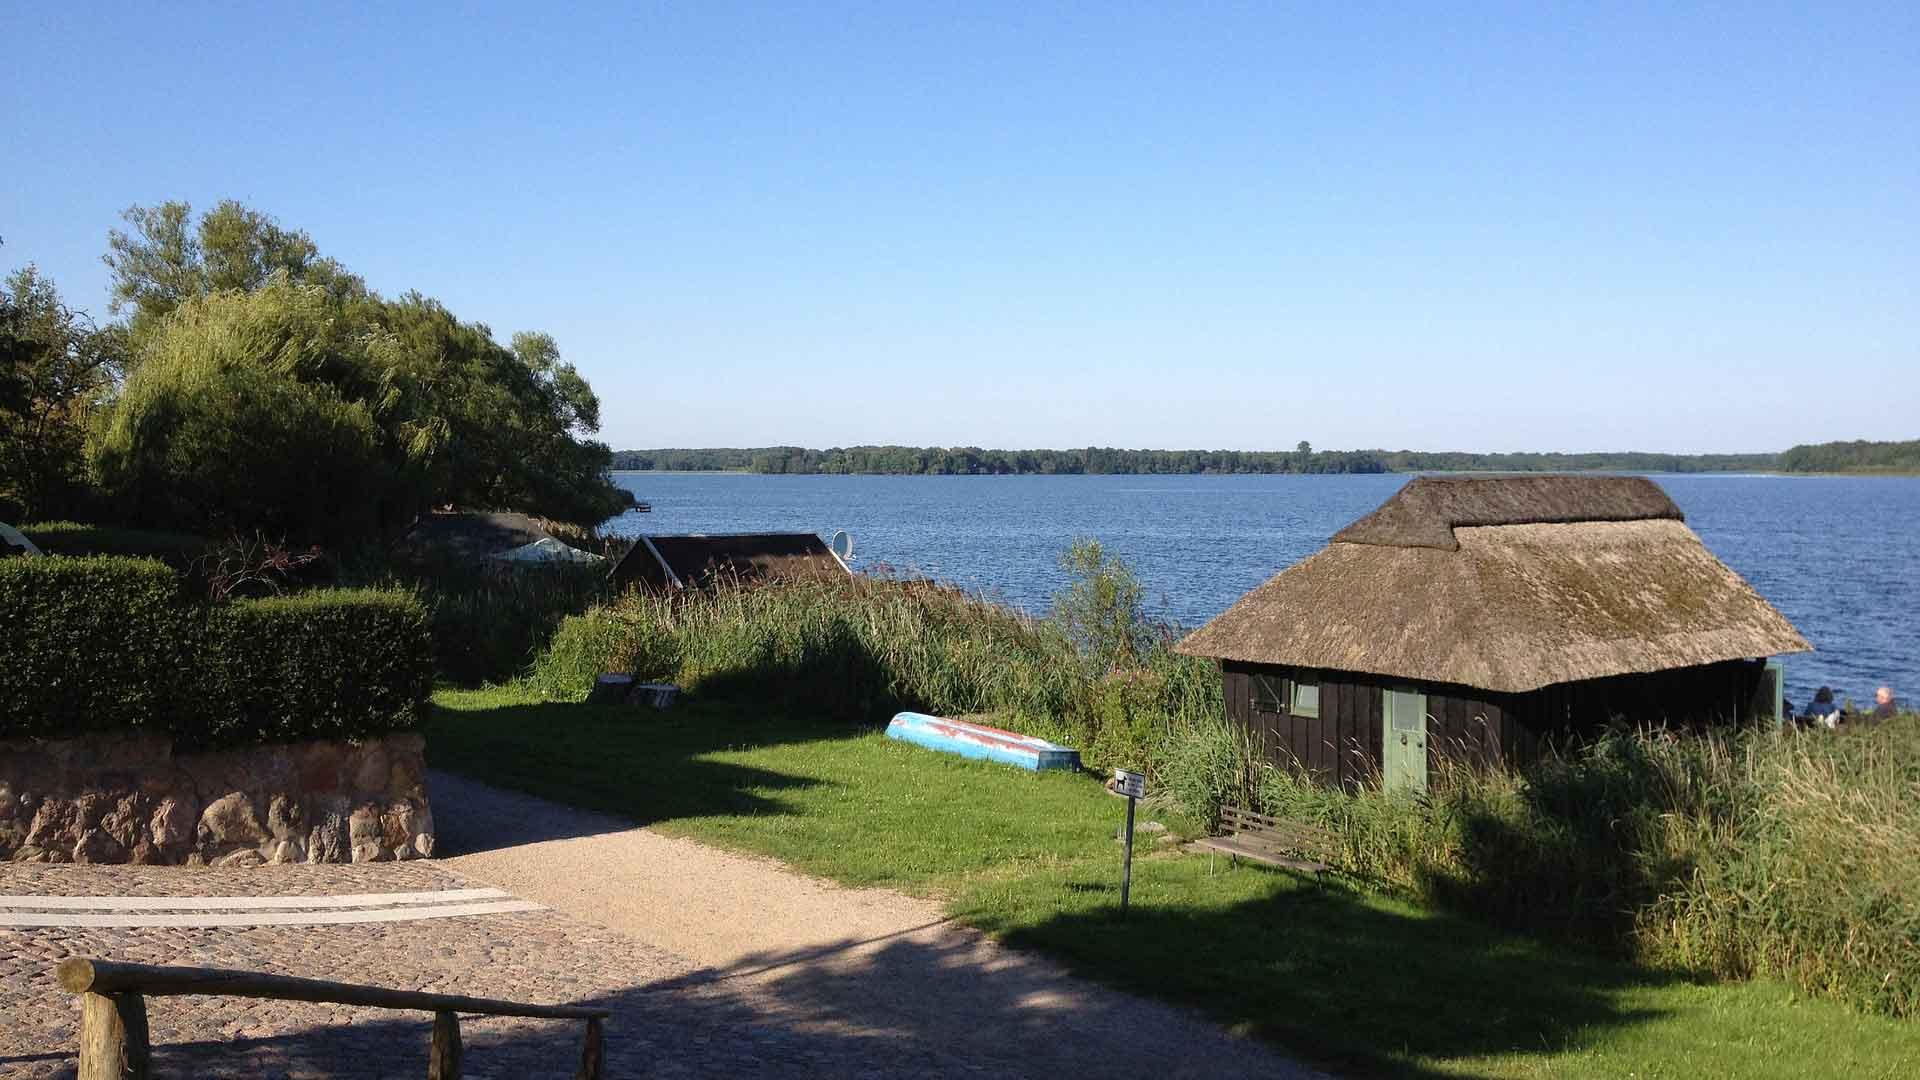 De Schaalsee is een biosfeerreservaat.